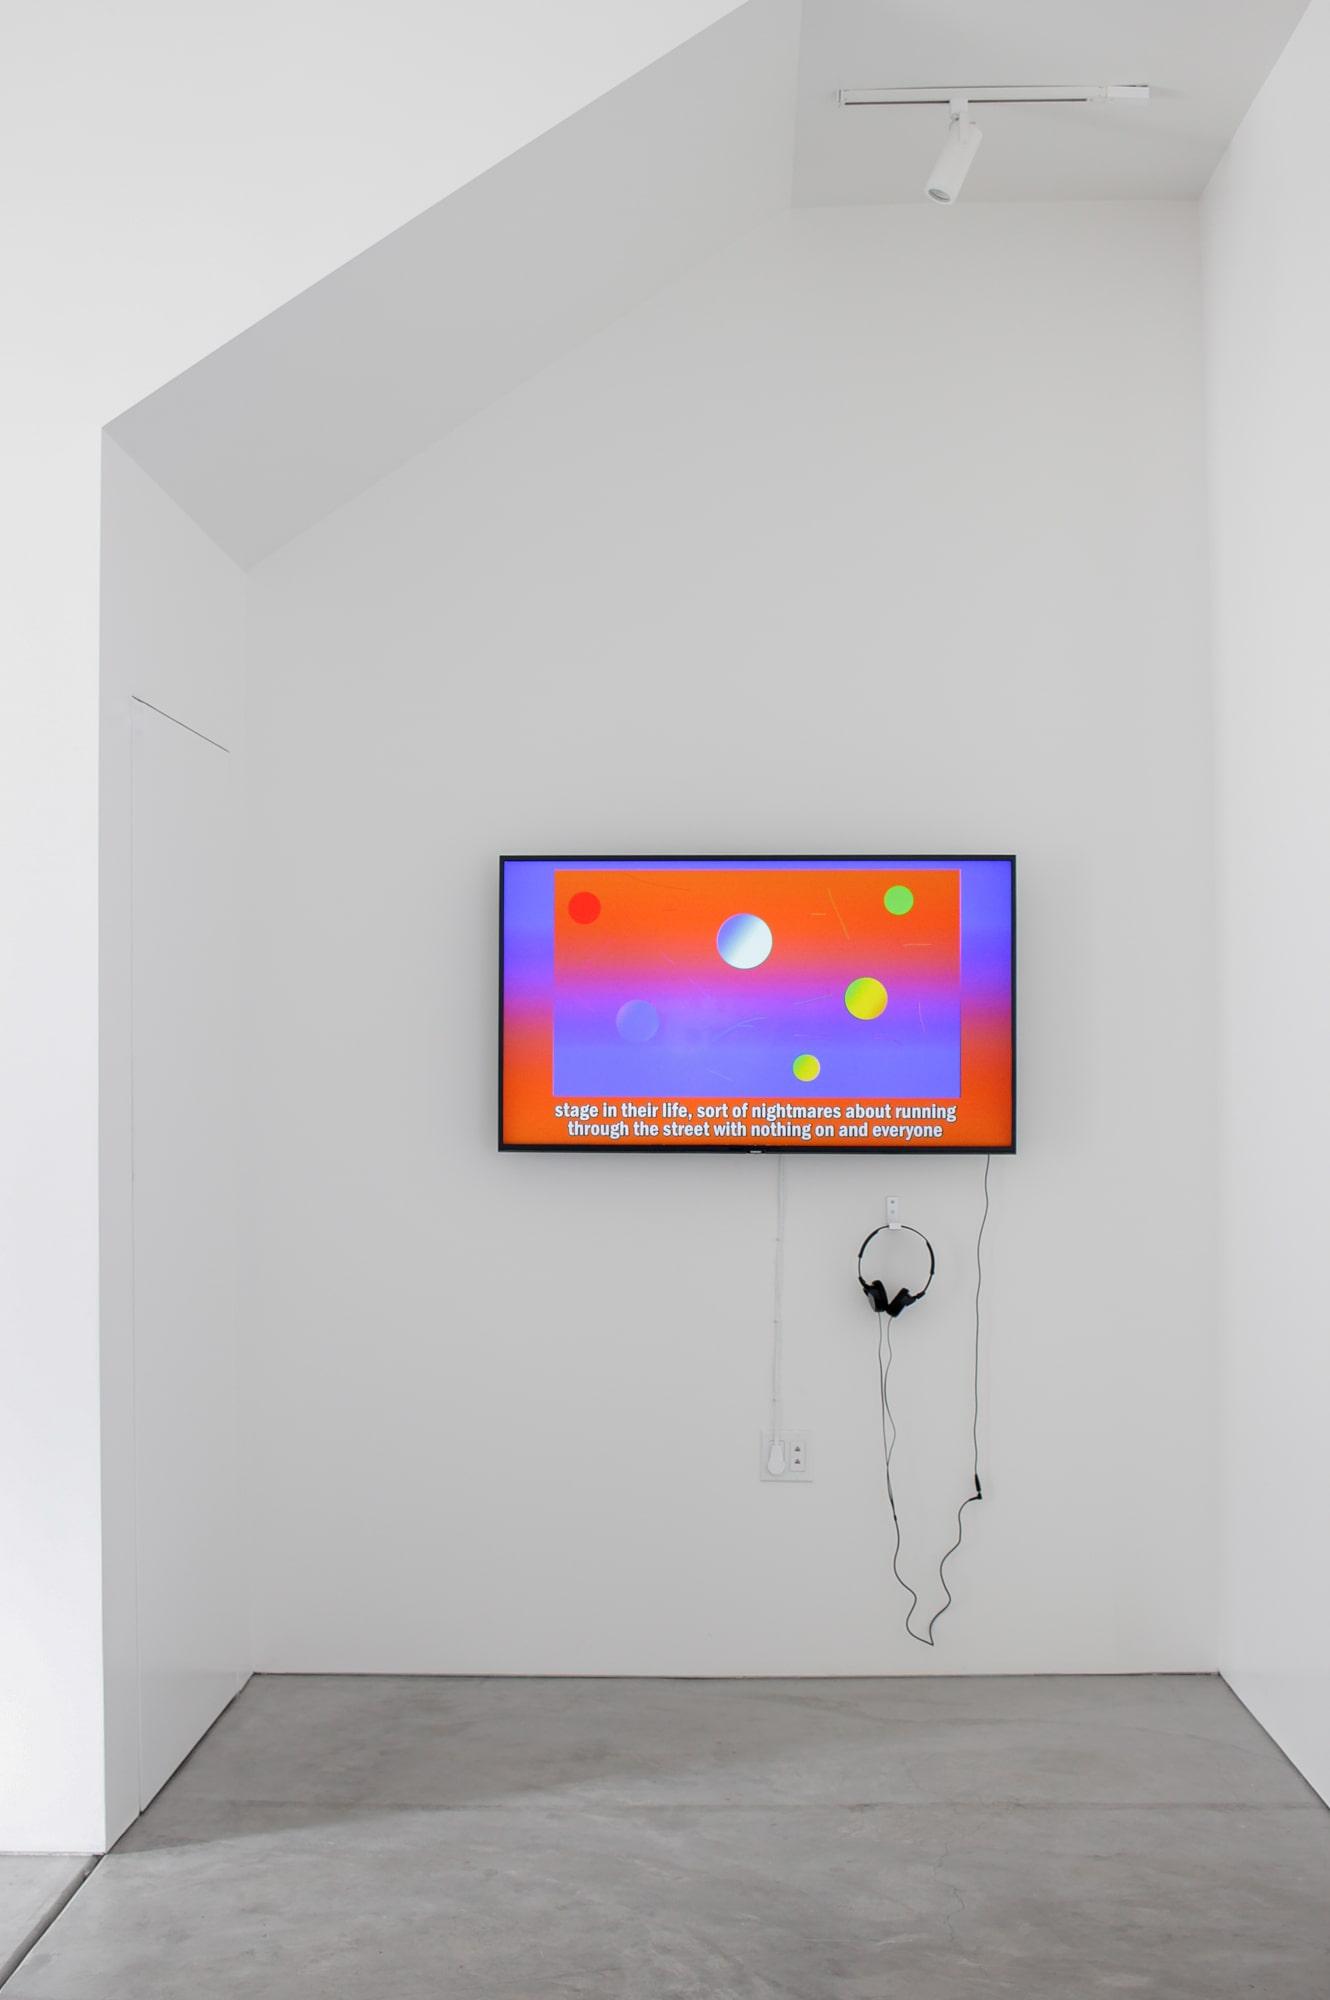 Installation View: Arjun Ram Srivatsa, episode #2 , minute 1